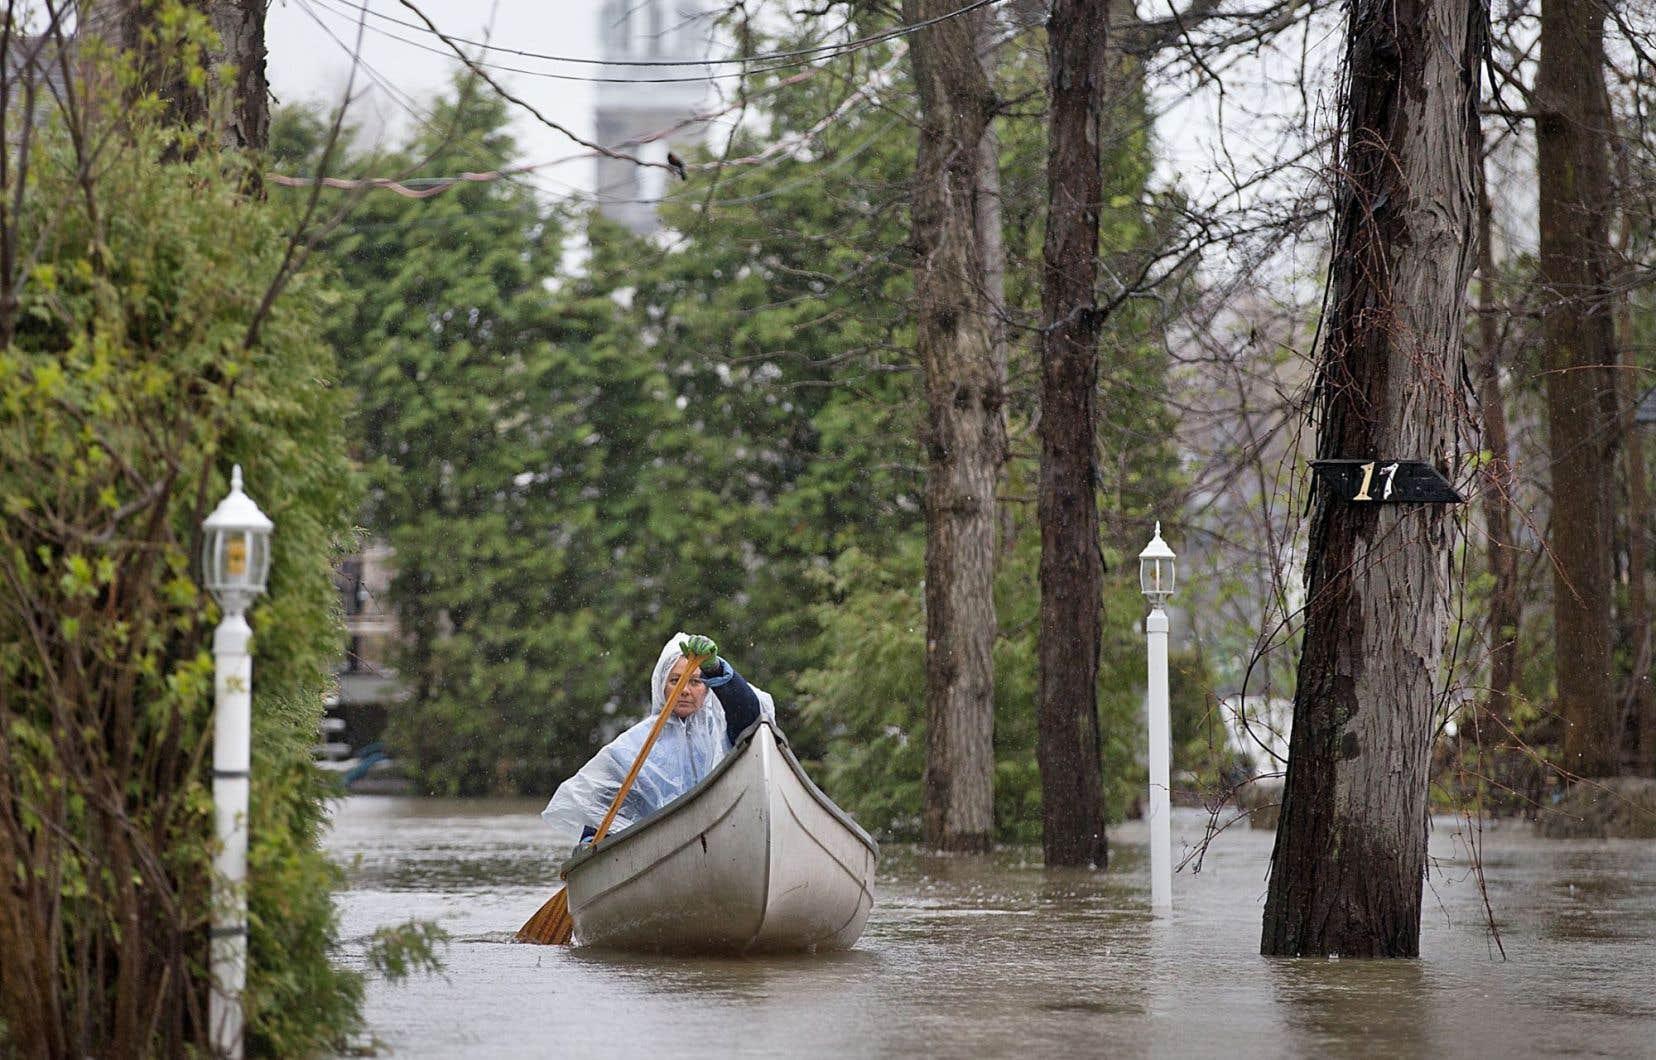 Les graves inondations des dernières années ont été aggravées notamment par le déboisement, la perte de milieux humides et l'artificialisation des berges.